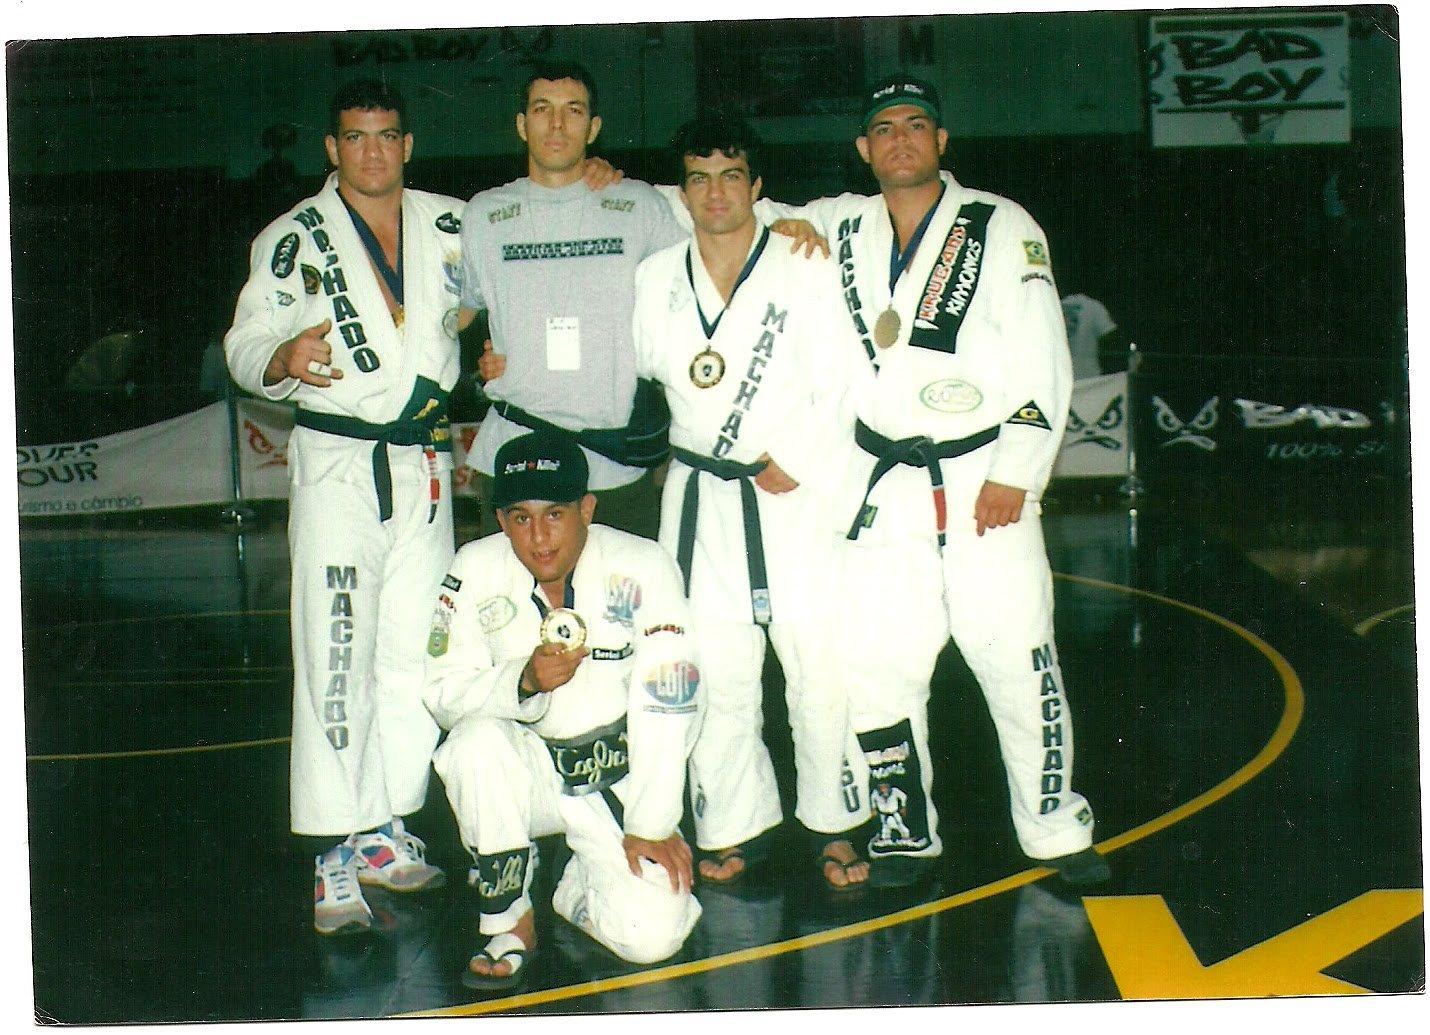 The Machados and Carlos Gracie Jr in Hawaii in 1997. Photo Rigan Machado